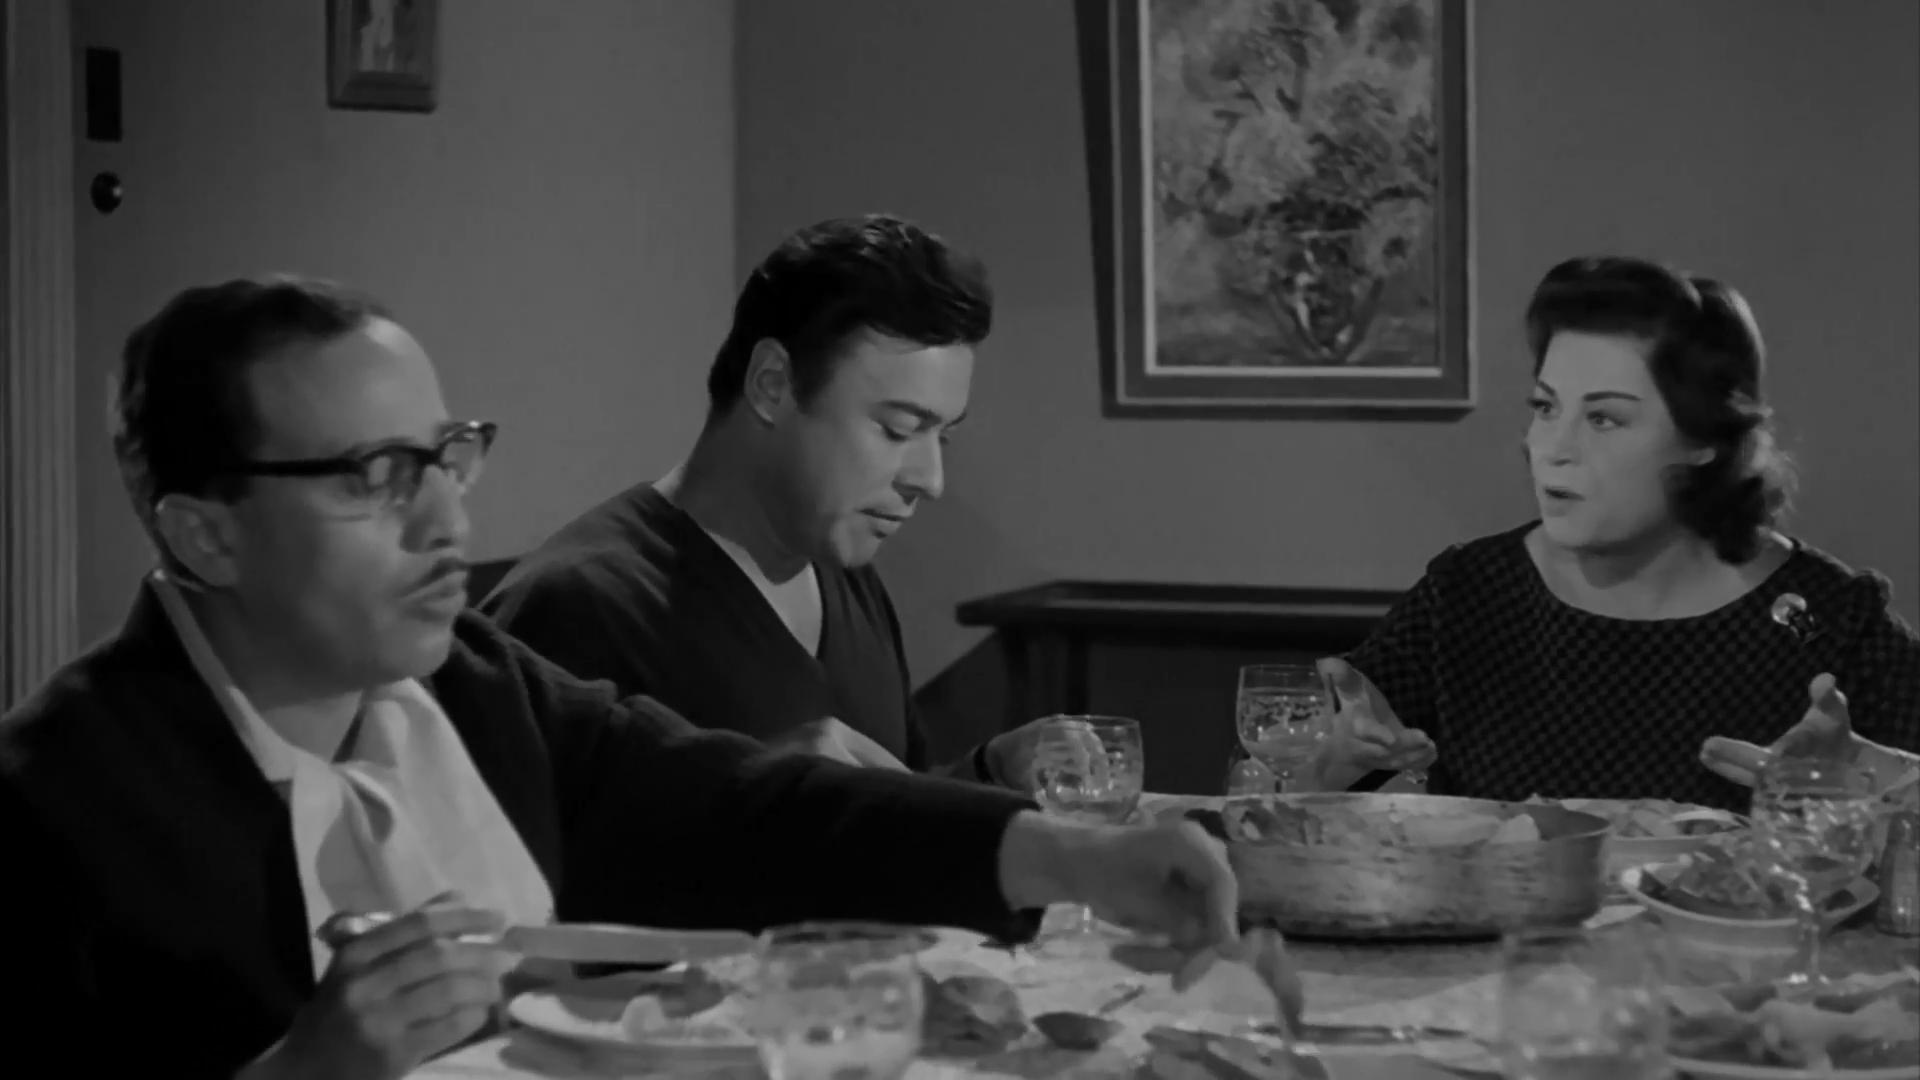 [فيلم][تورنت][تحميل][عائلة زيزي TS][1963][1080p][Web-DL] 7 arabp2p.com